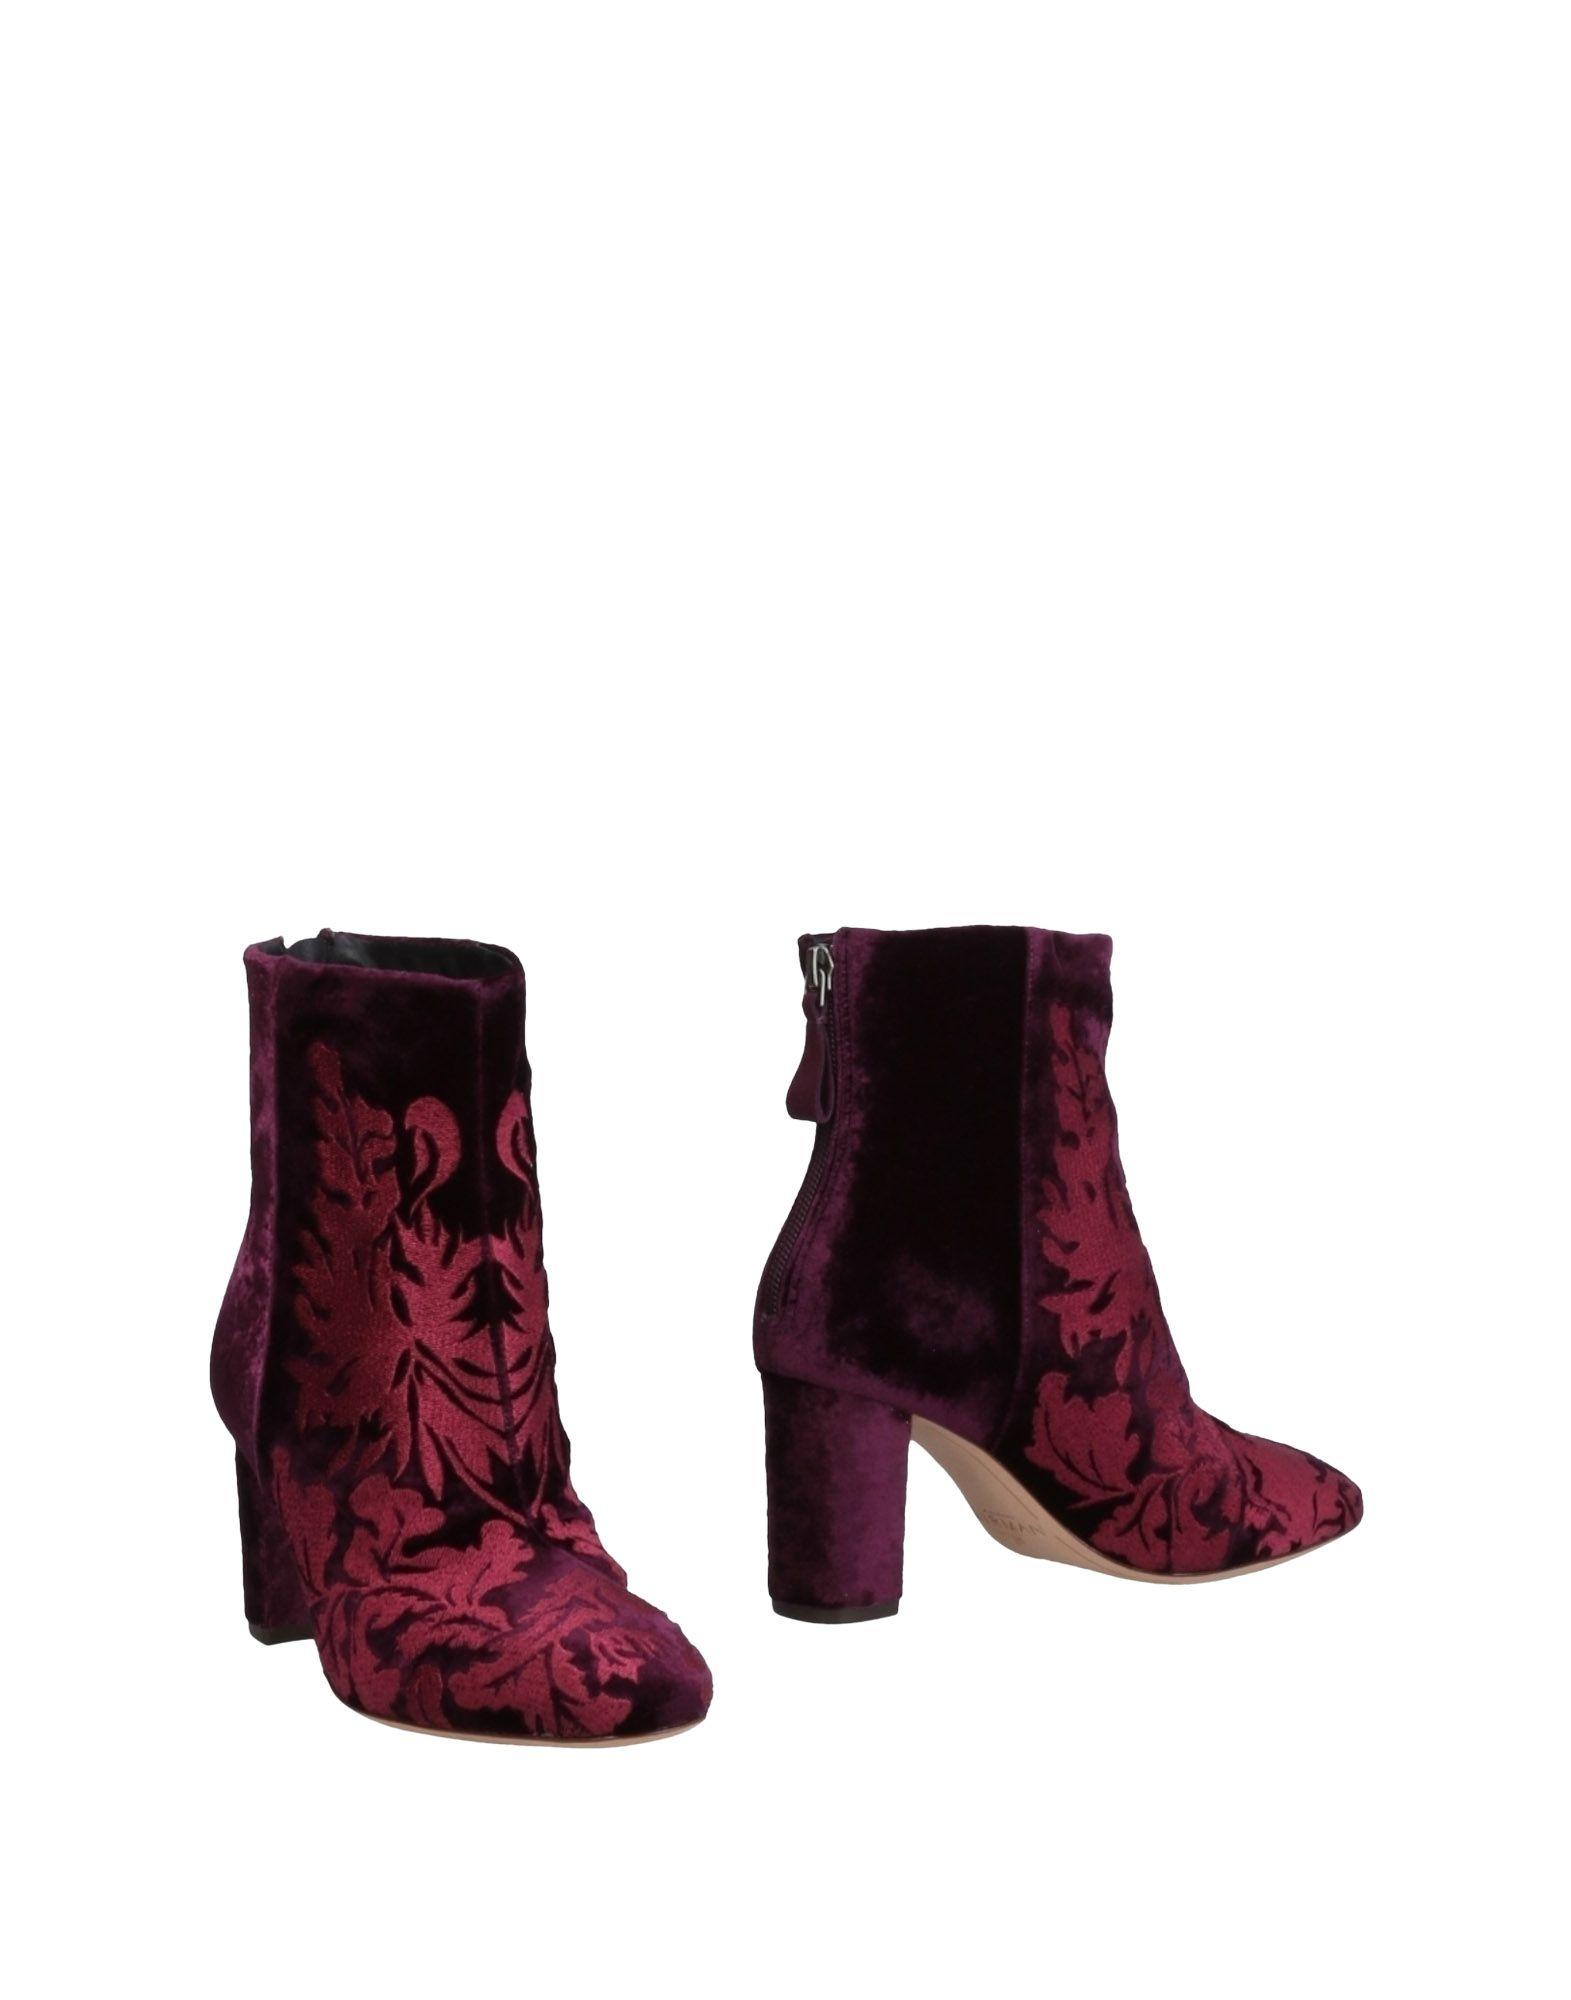 Alexandre Birman Stiefelette 11459081BG Damen  11459081BG Stiefelette Neue Schuhe 531b02